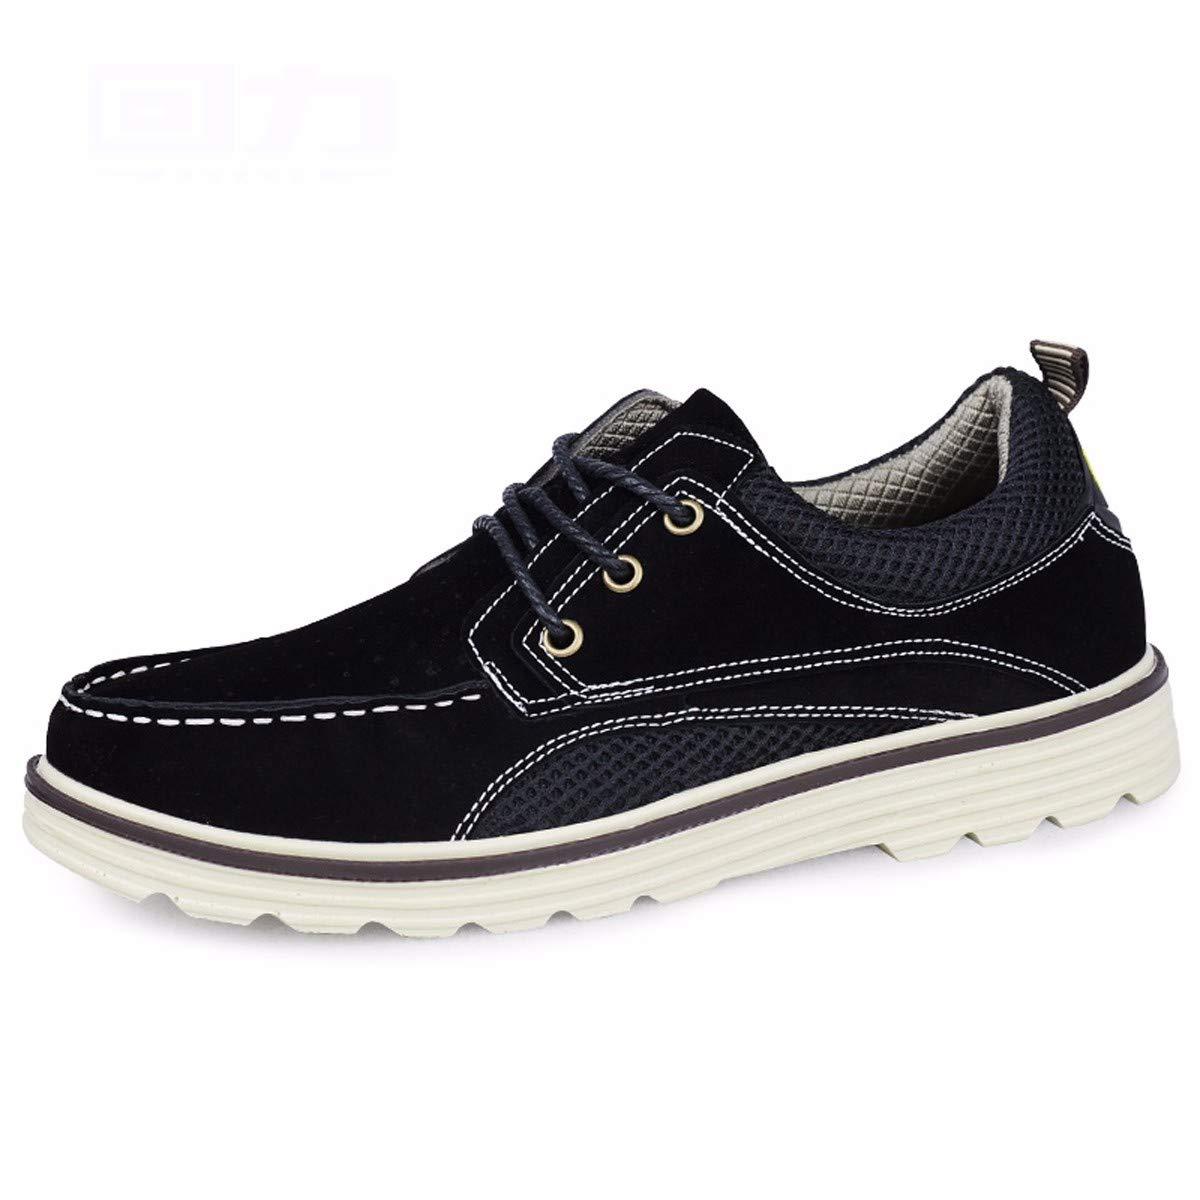 KMJBS-Männer Schuhe Kleidung Schuhe Geringe Permeabilität Geschäft - Schuhen Freizeit Sport Board - Schuhe.S.Grau